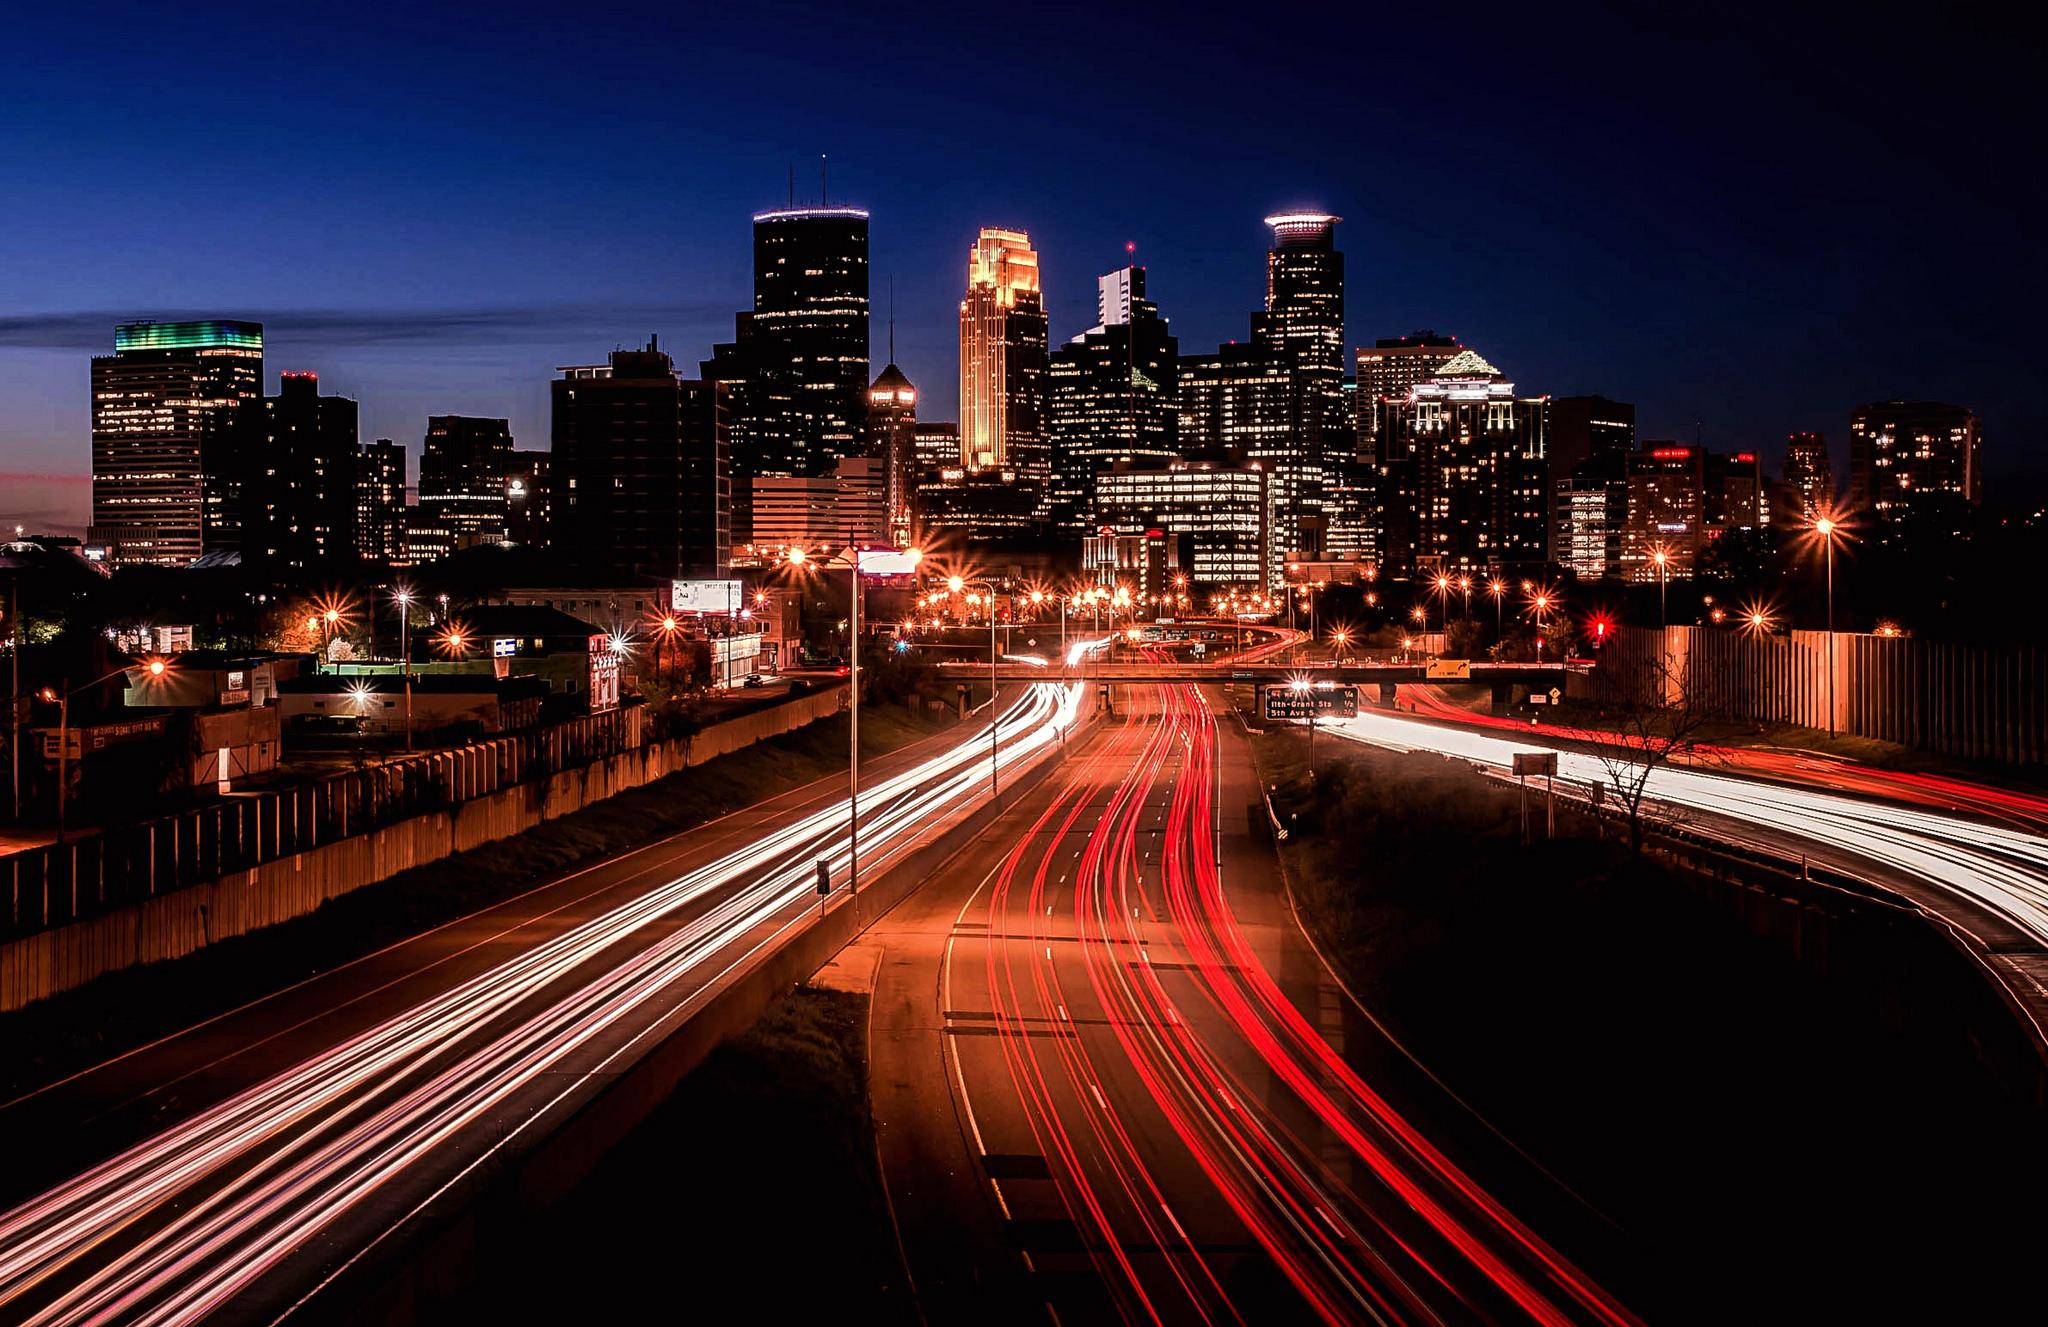 Fotos a pistas de noche - 2048x1327